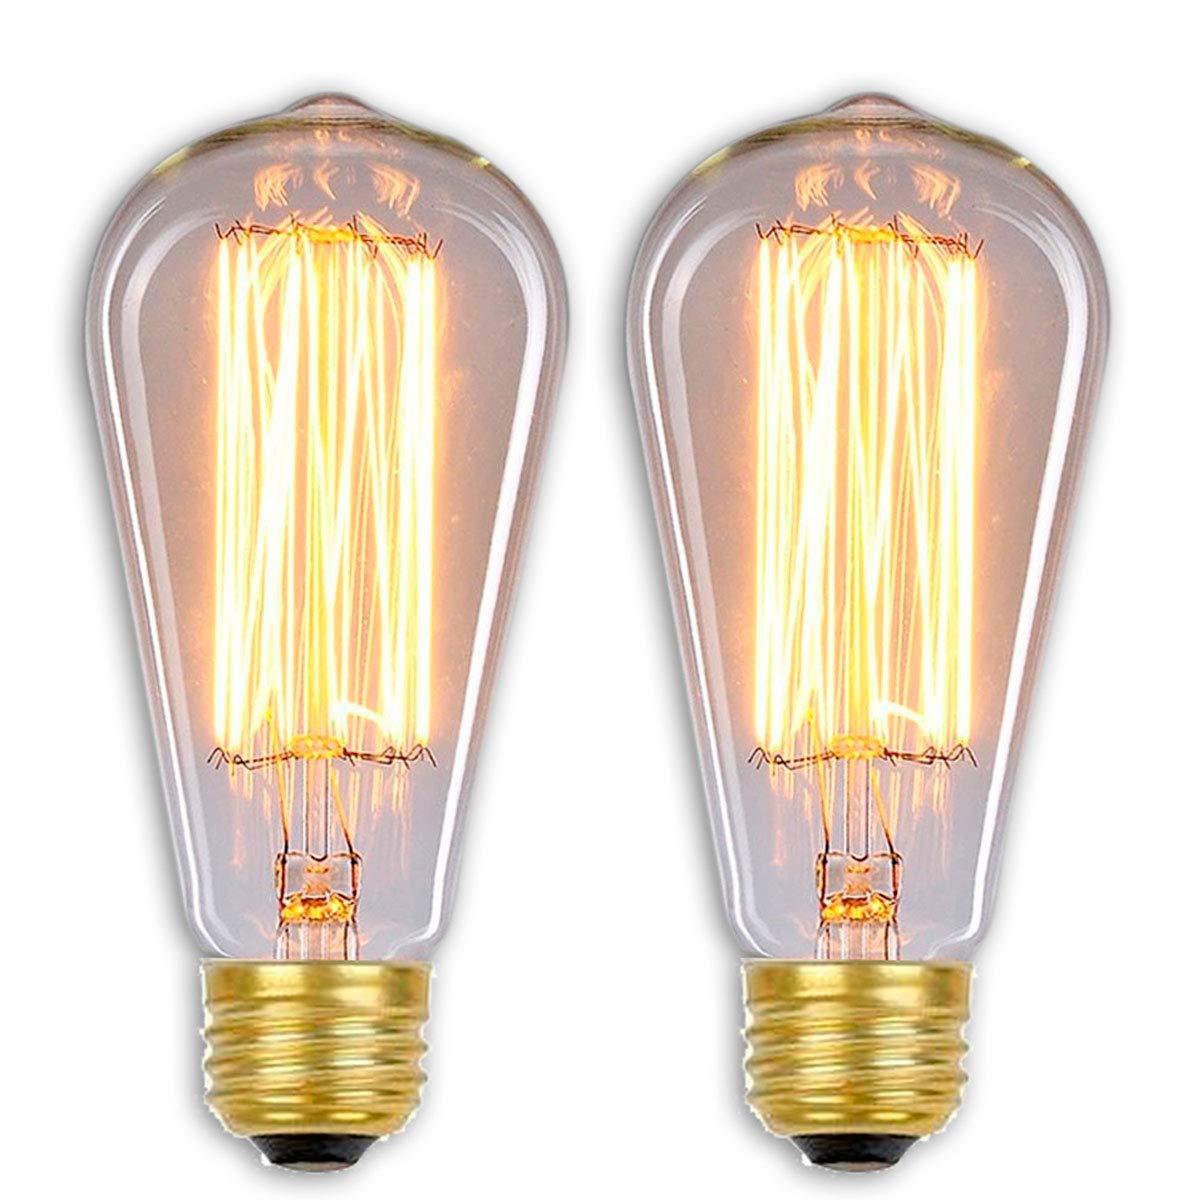 Cheap 60 Watt Type B Light Bulb Find 60 Watt Type B Light Bulb